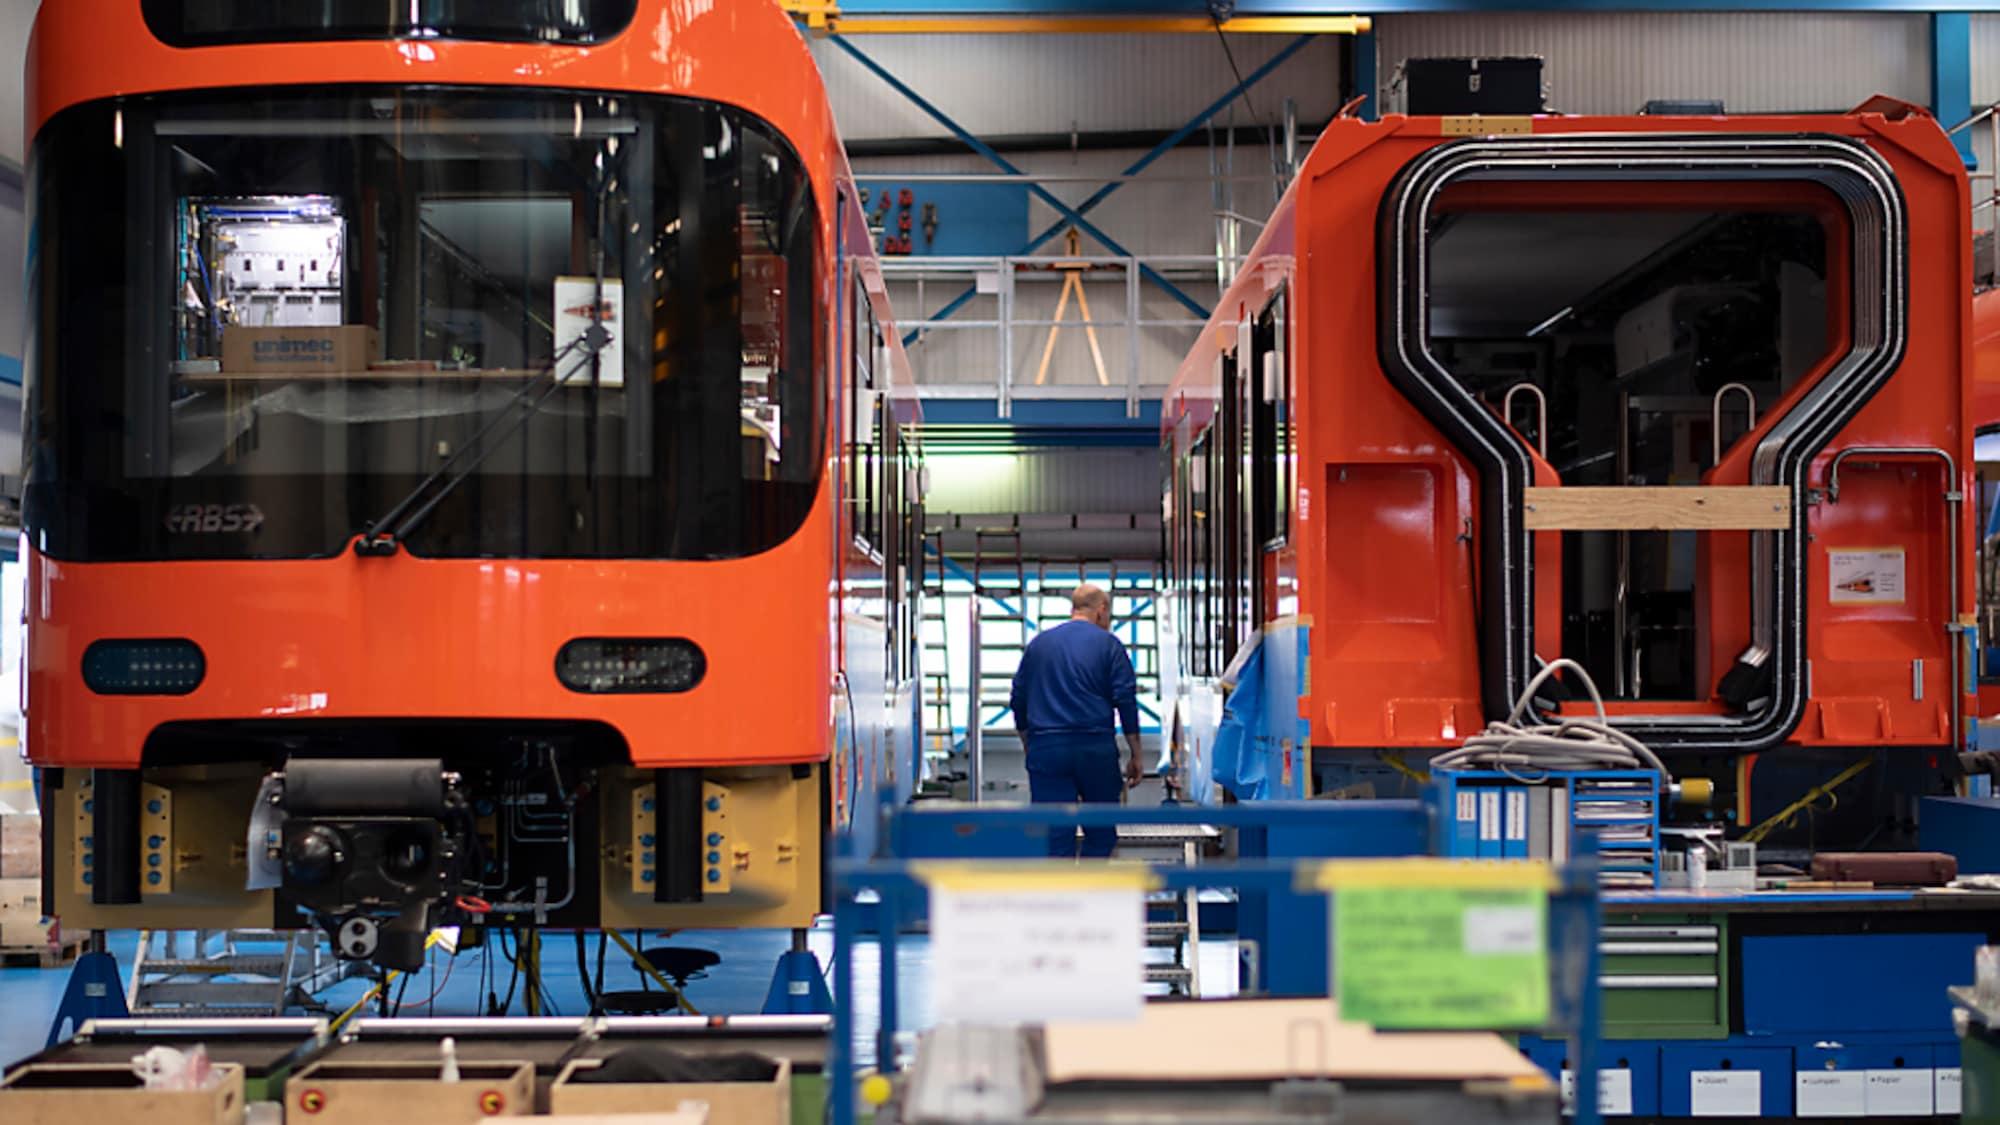 Maschinenindustrie: Stadler baut einen mit Wasserstoff betriebenen Zug für Kalifornien